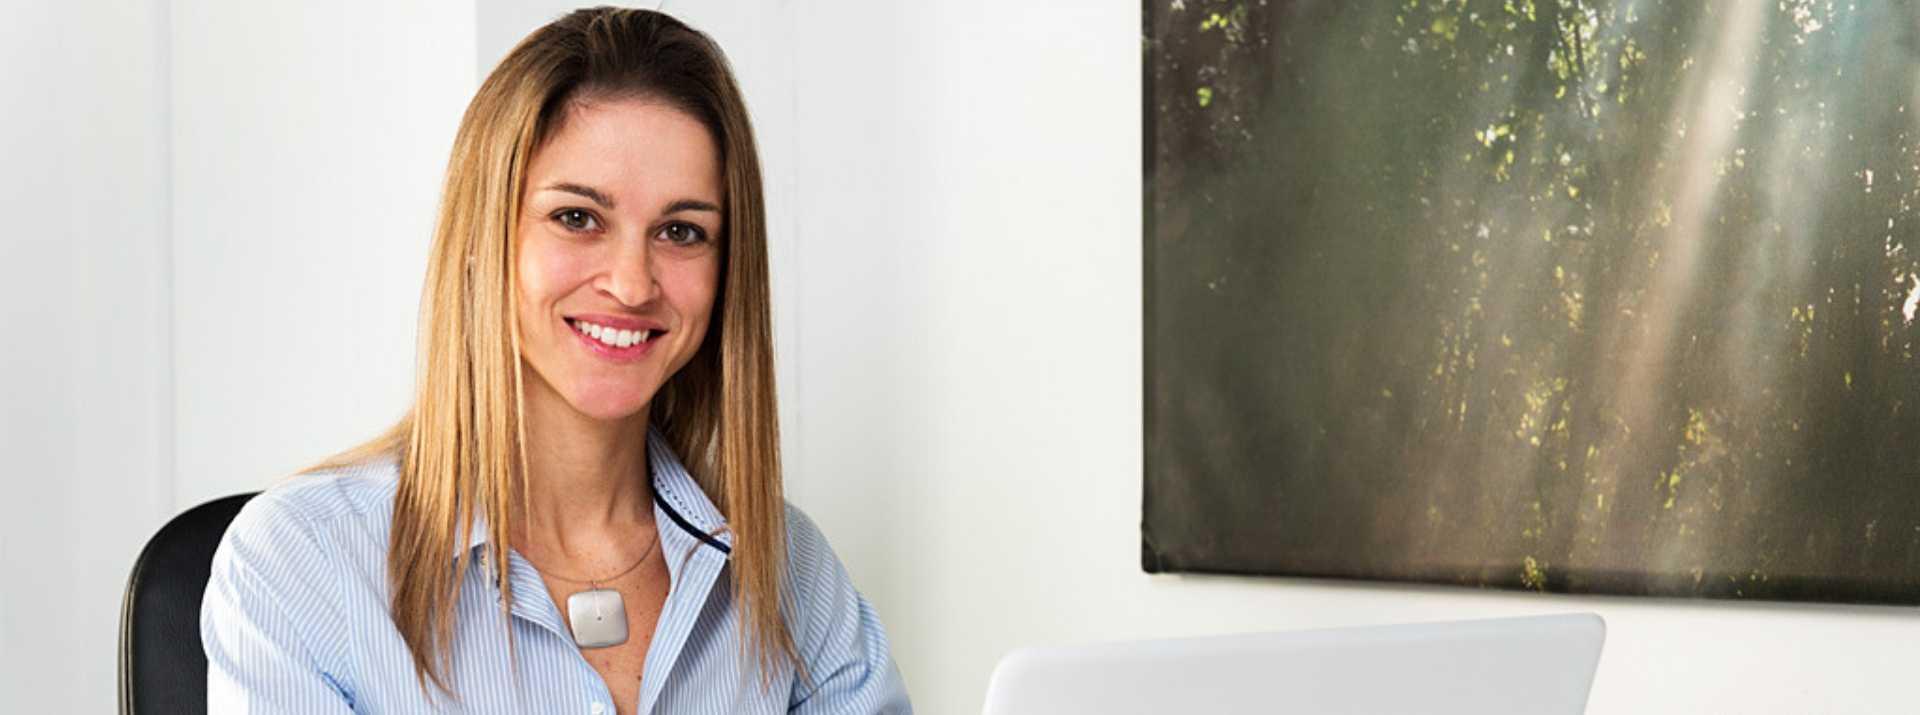 Entrevista: «Las personas con baja autoestima se boicotean porque no saben poner límites»_Centro de psicólogos Impulsa